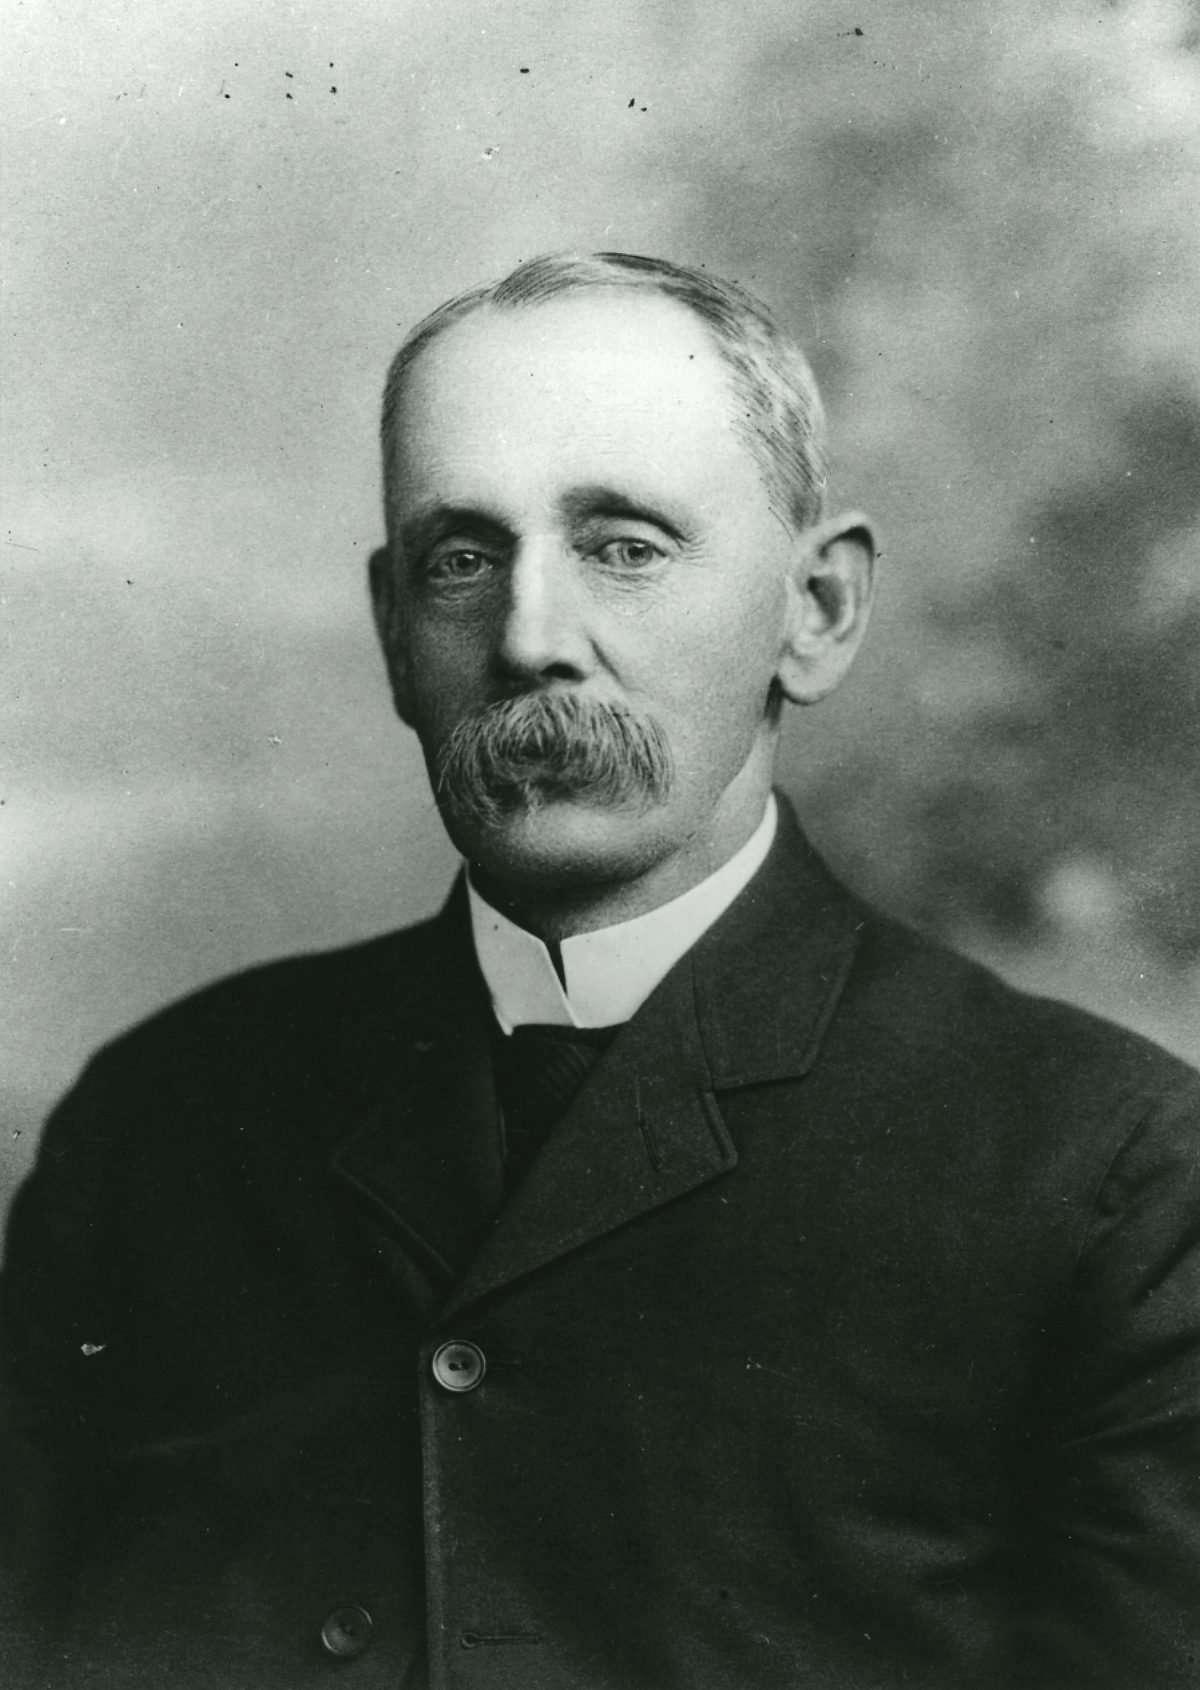 Joseph Allen Bristow